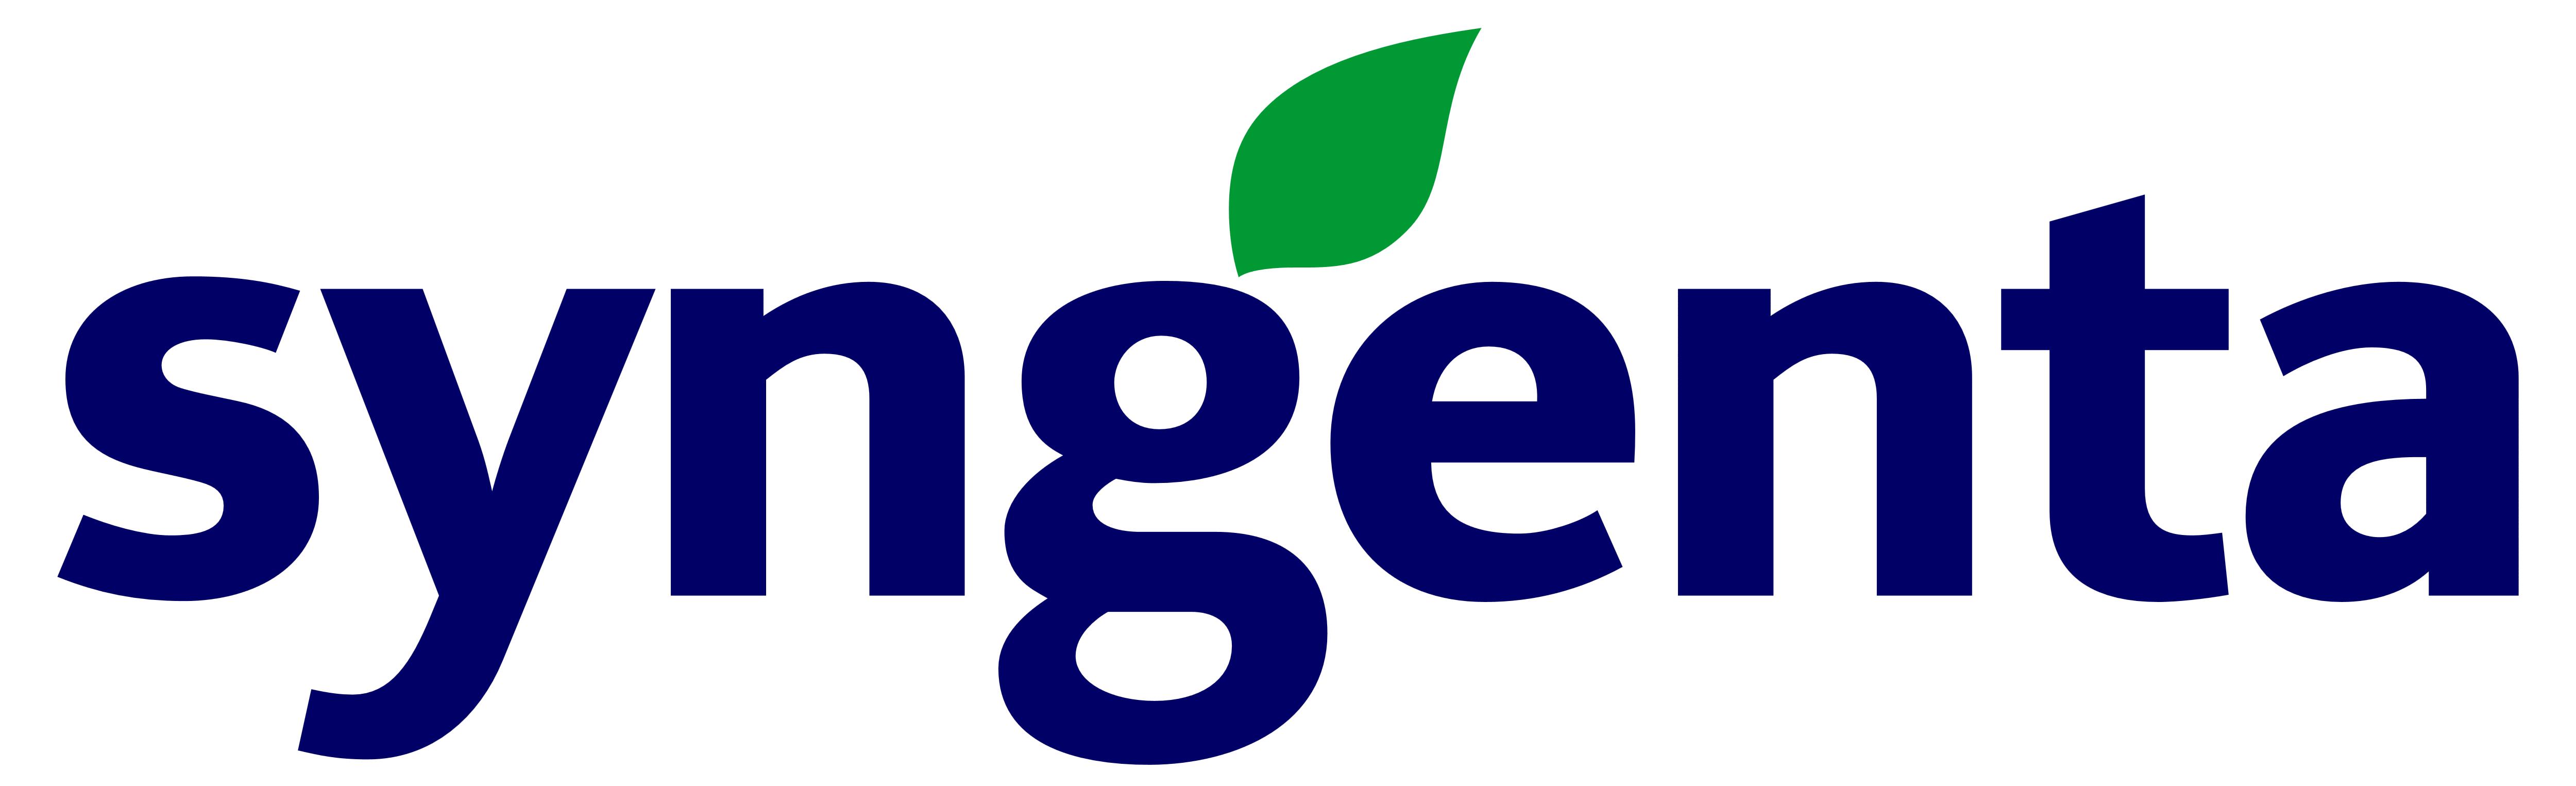 Syngenta logo white background 5000PX